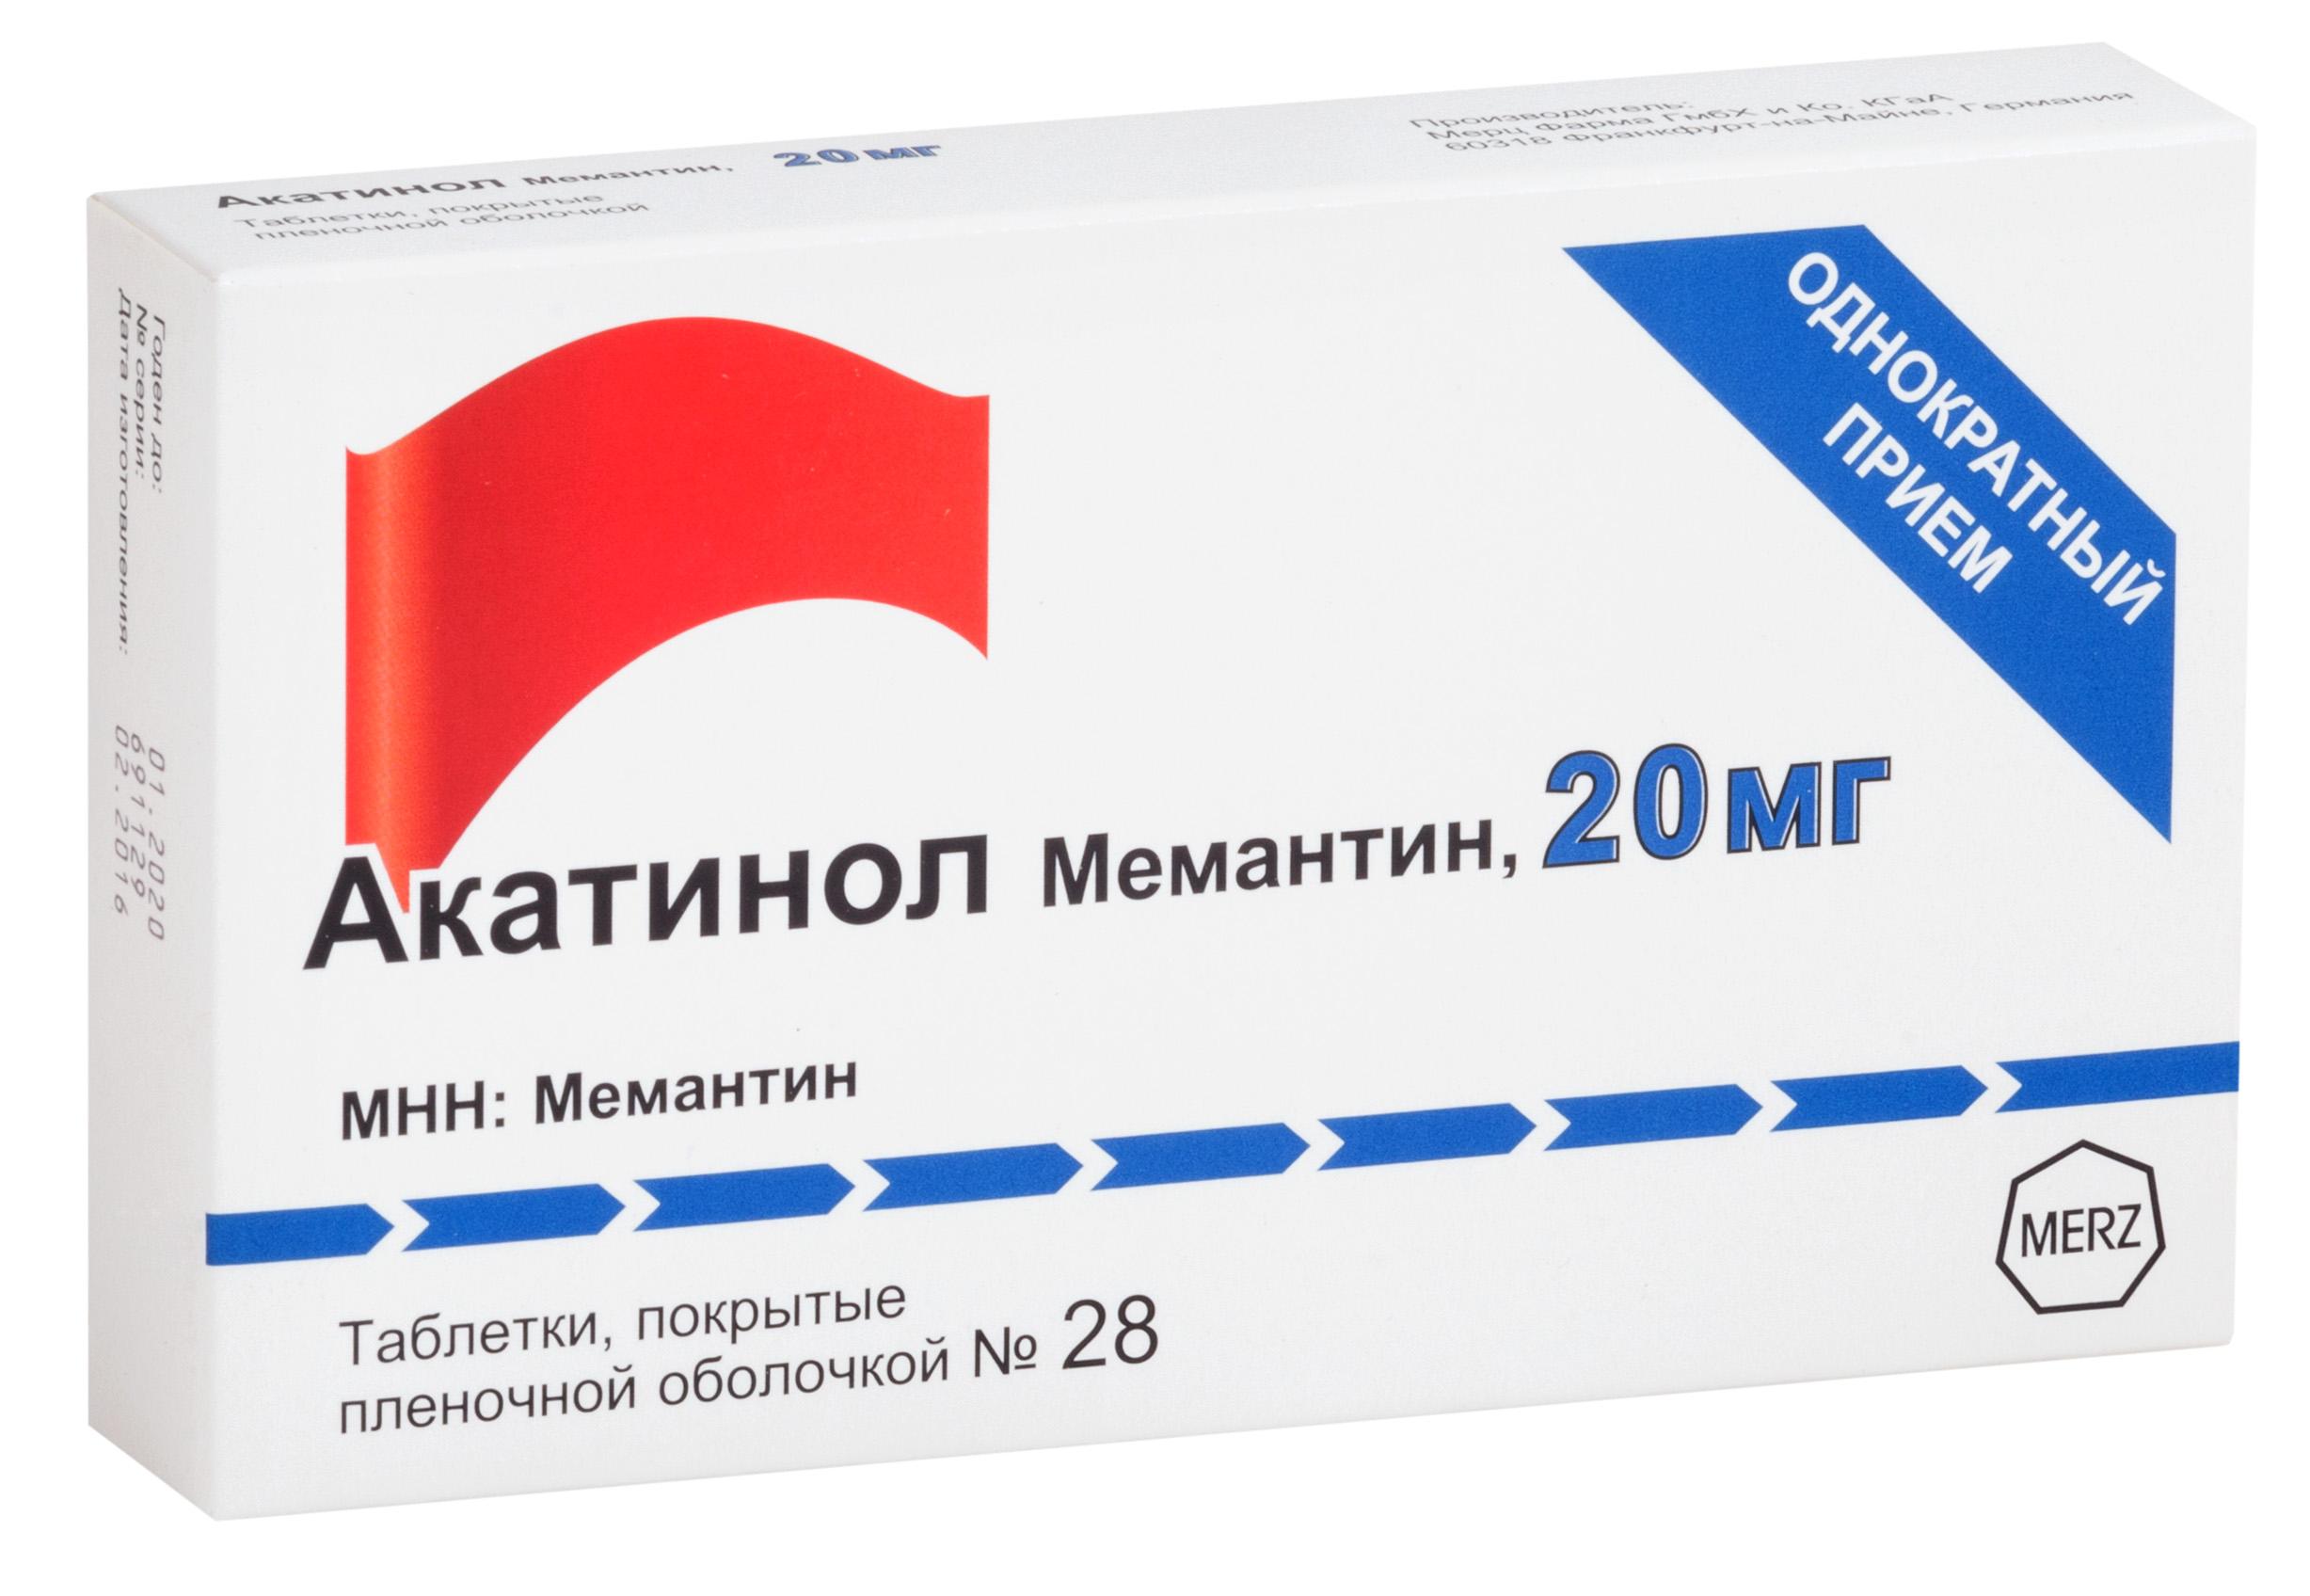 Акатинол мемантин таб. п.п.о. 20мг n28